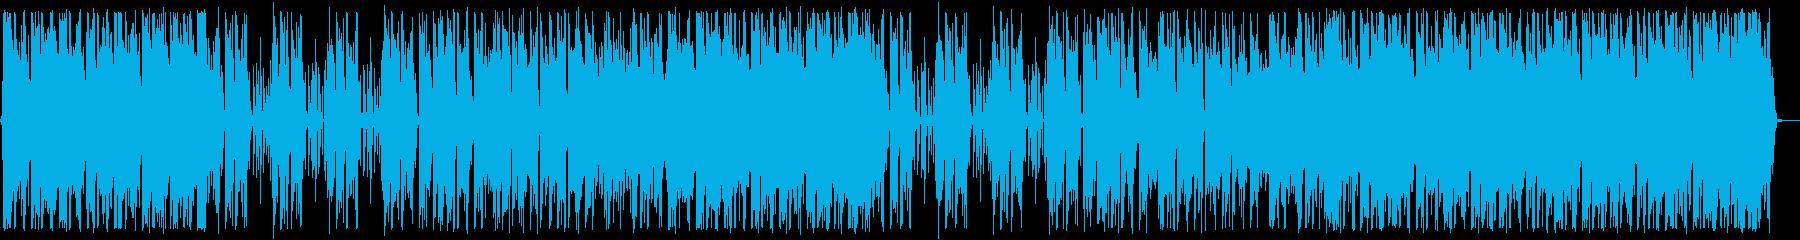 聞きやすいpianoPOPSの再生済みの波形